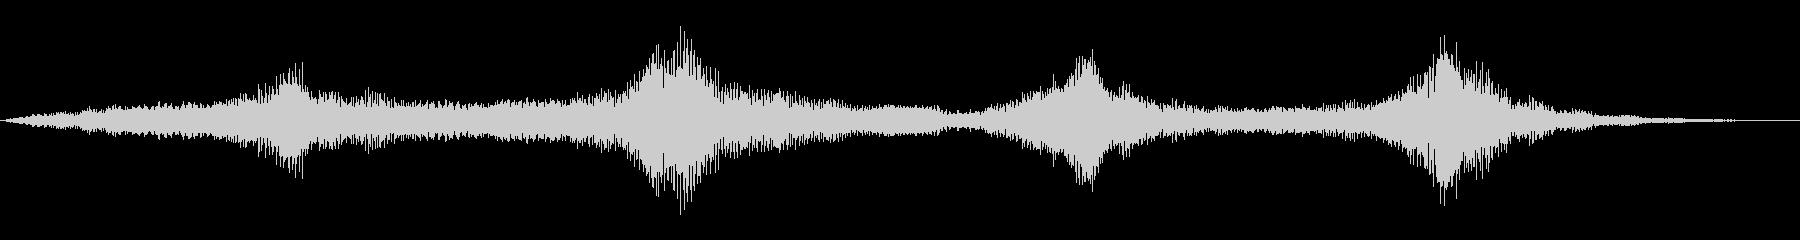 謎のタイムワープドローン、SCI ...の未再生の波形